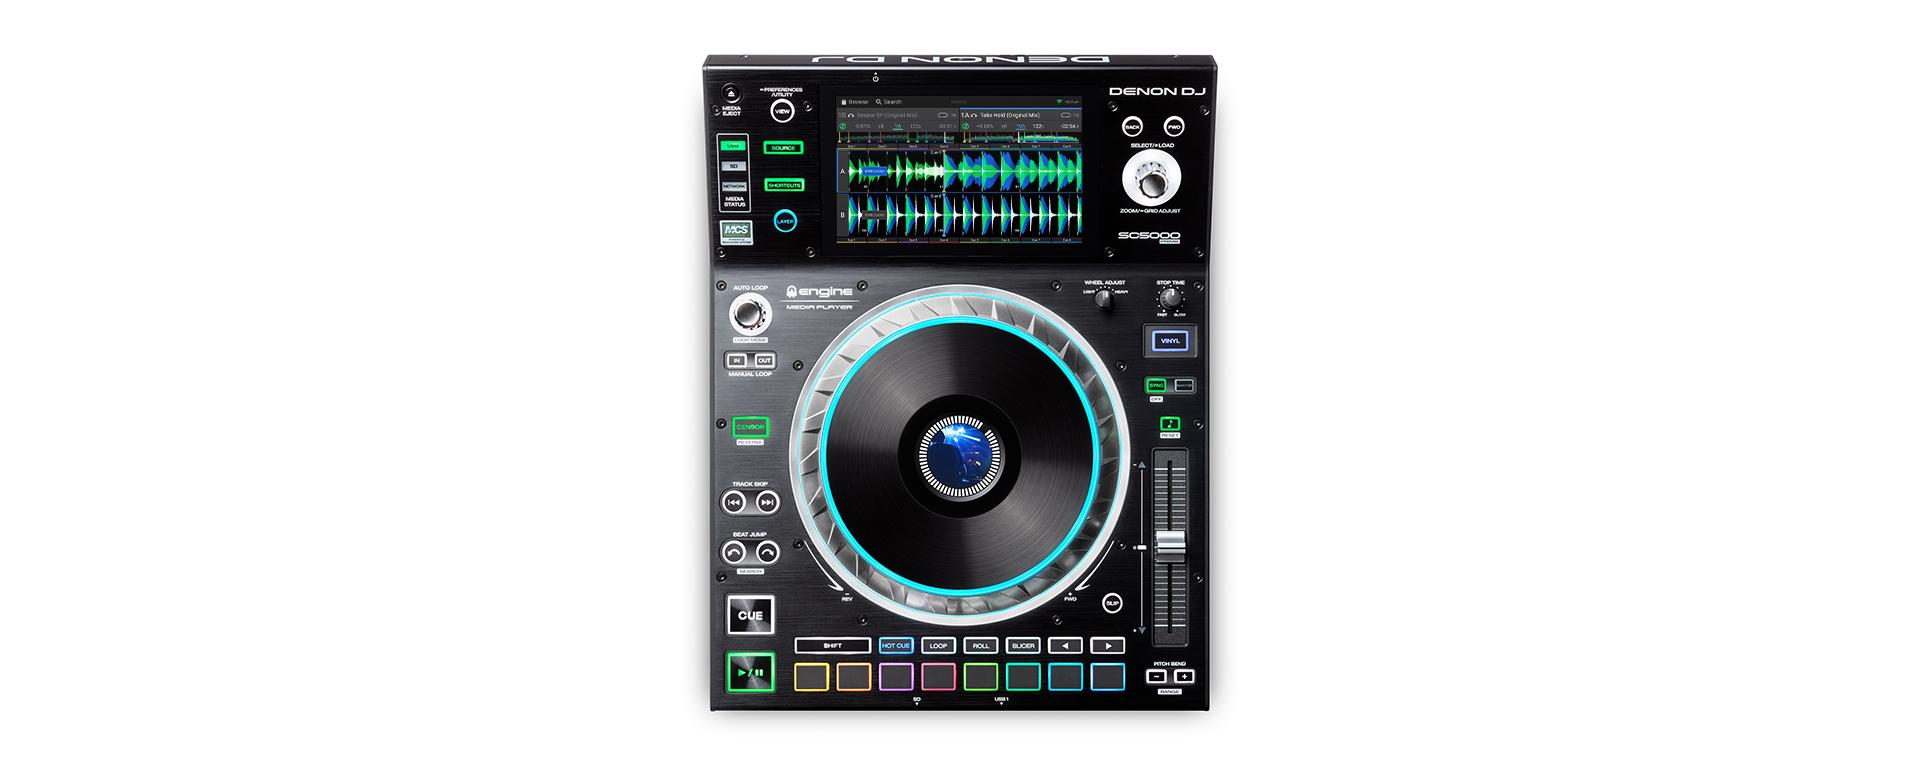 Denon DJ SC5000 PRIME top view